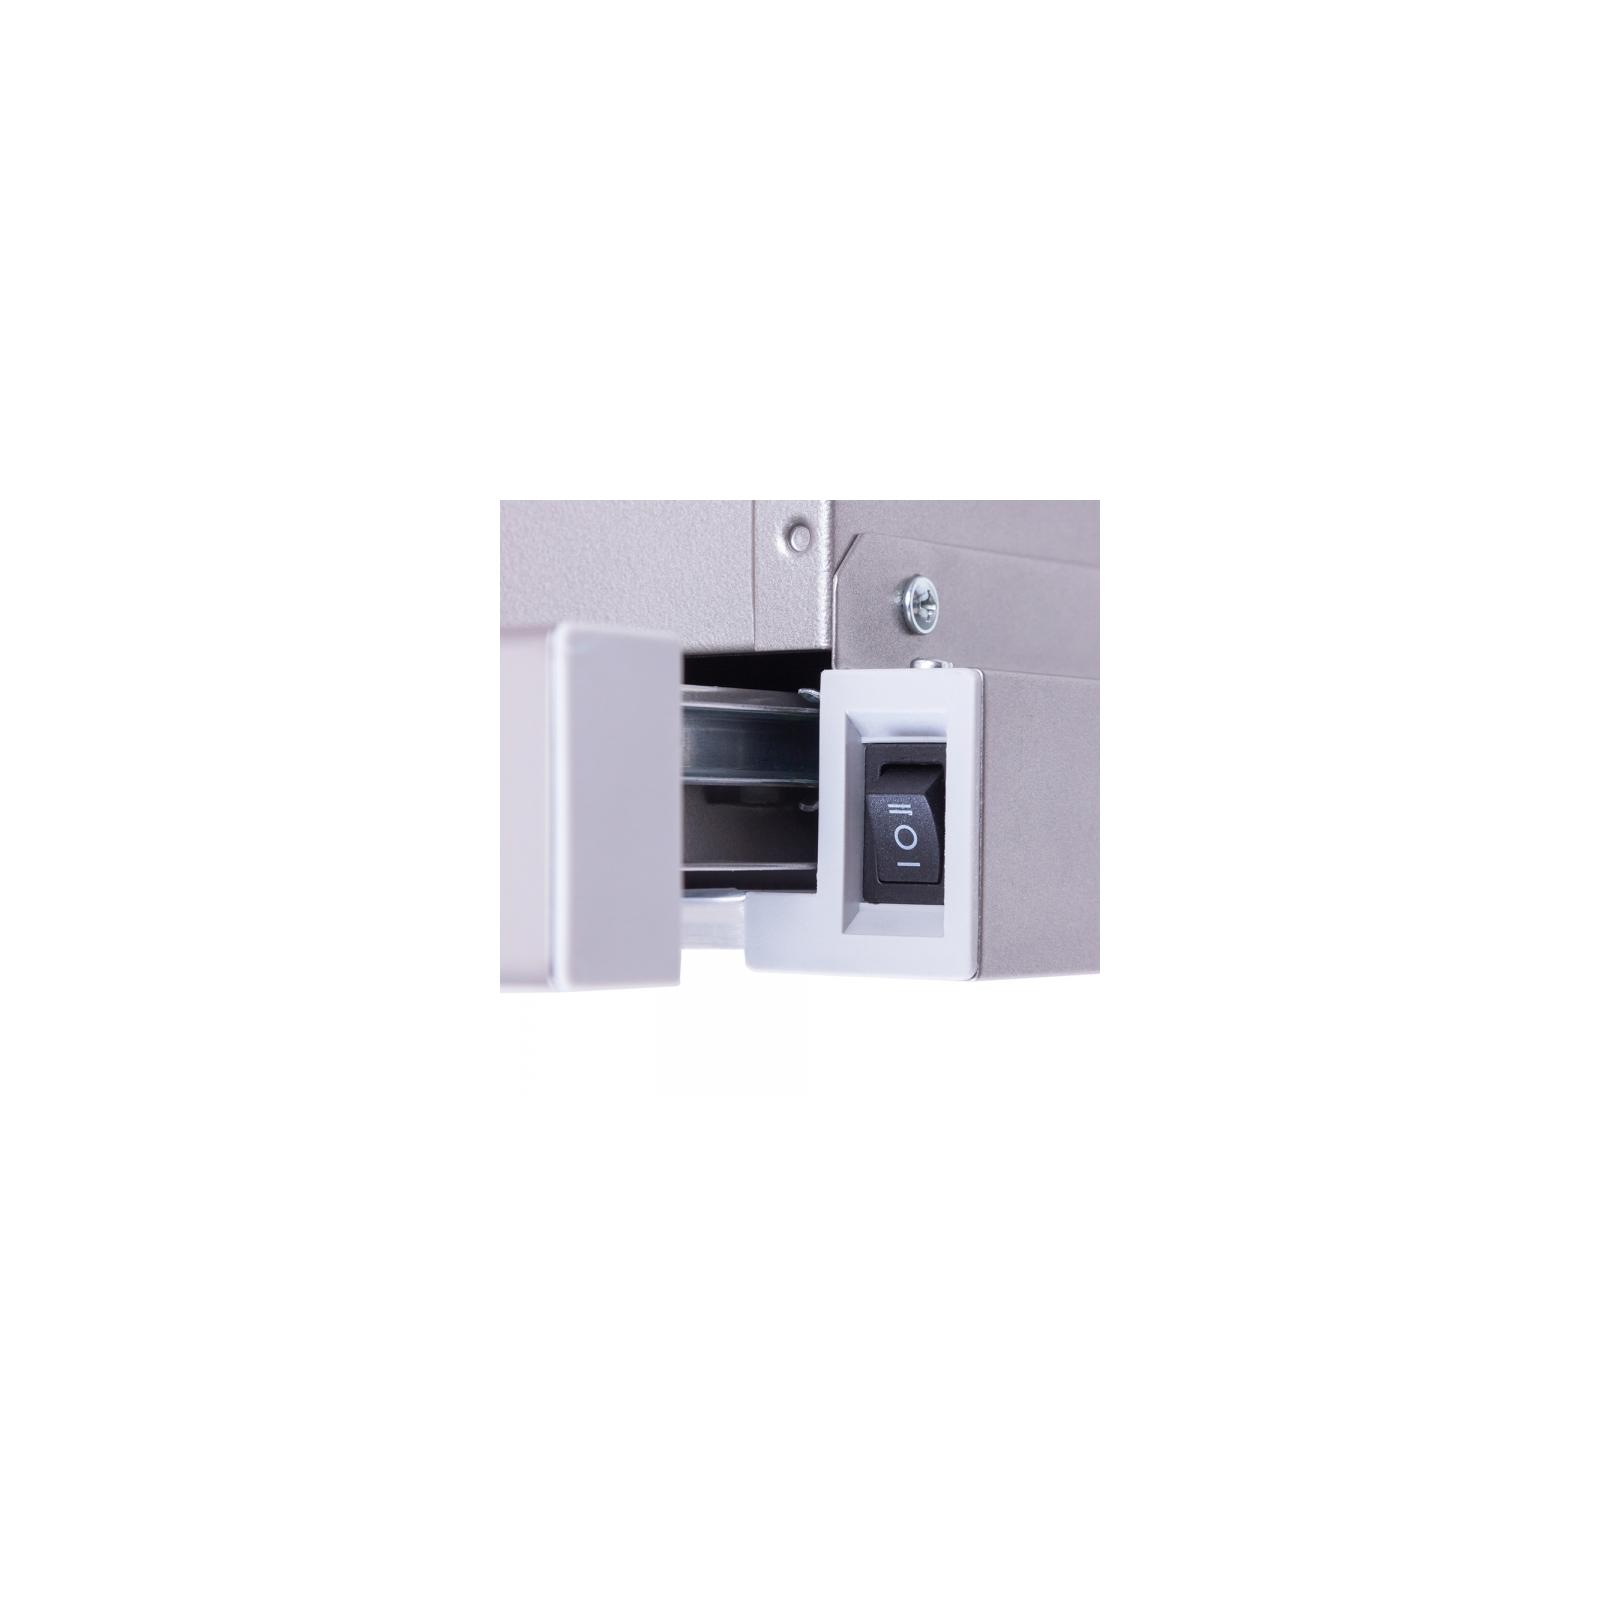 Вытяжка кухонная Perfelli TL 5212 C S/I 650 LED изображение 10